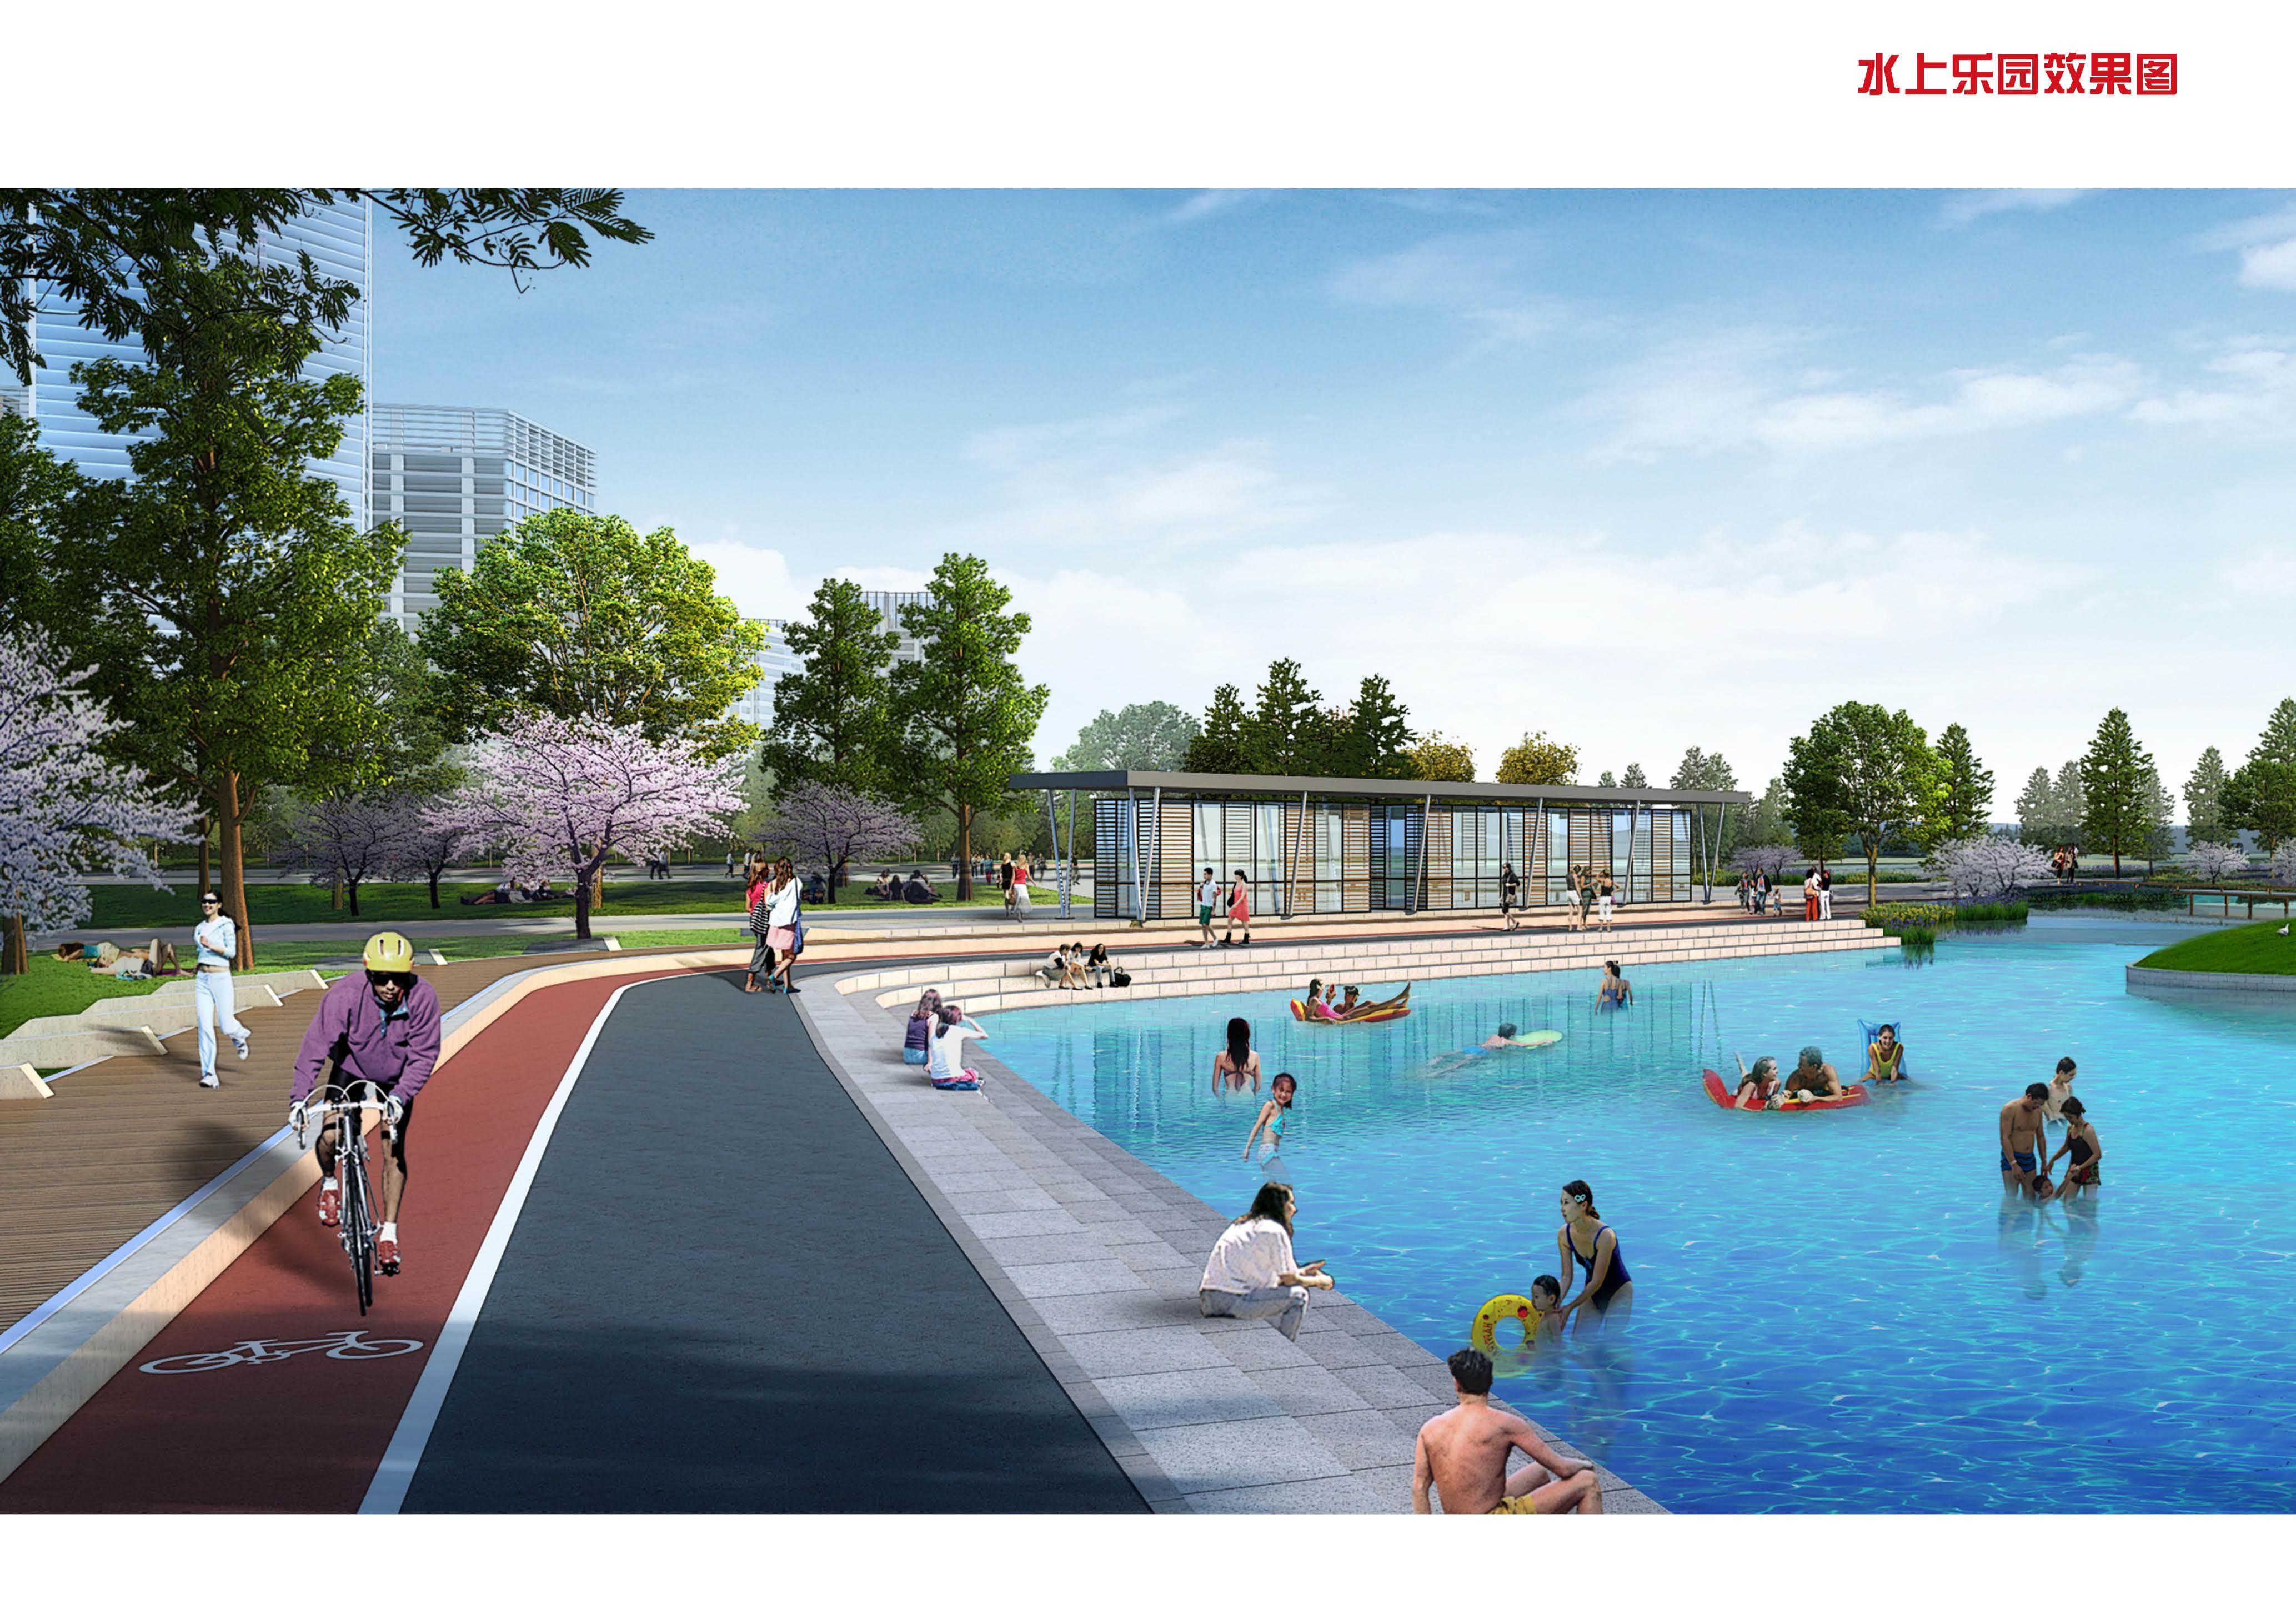 洋口港开发区海洋主题公园-洋口港开发区海洋主题公园景观设计84